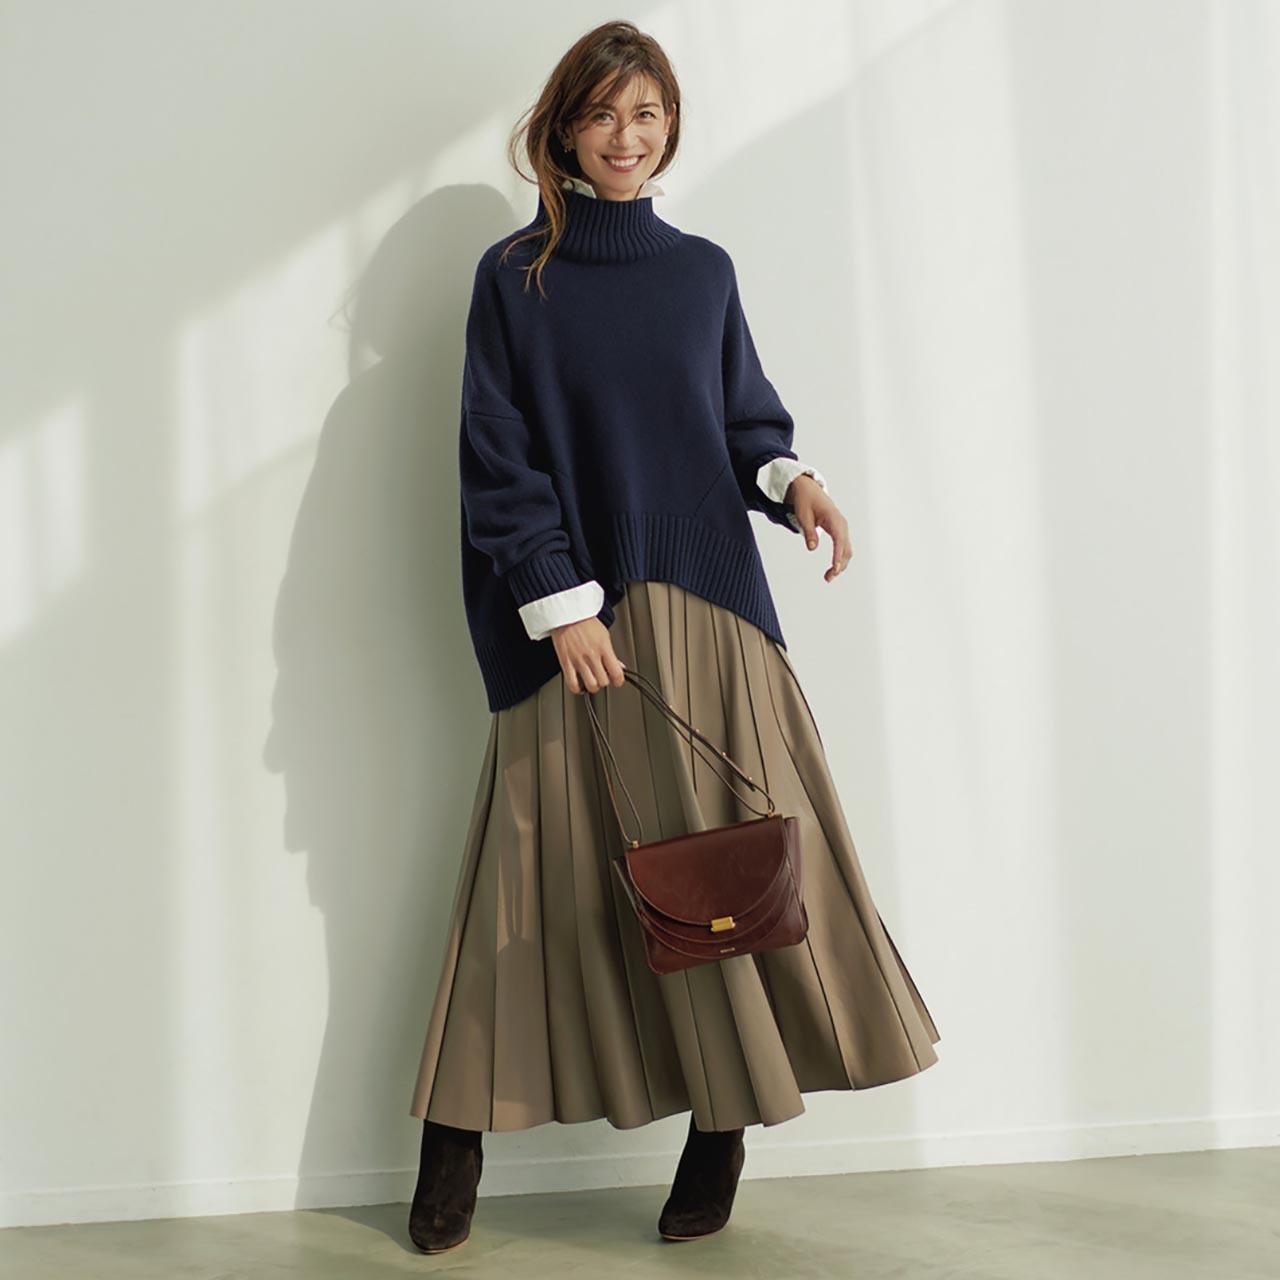 ゆるニット×シャツ×スカートコーデを着たモデルのブレンダさん